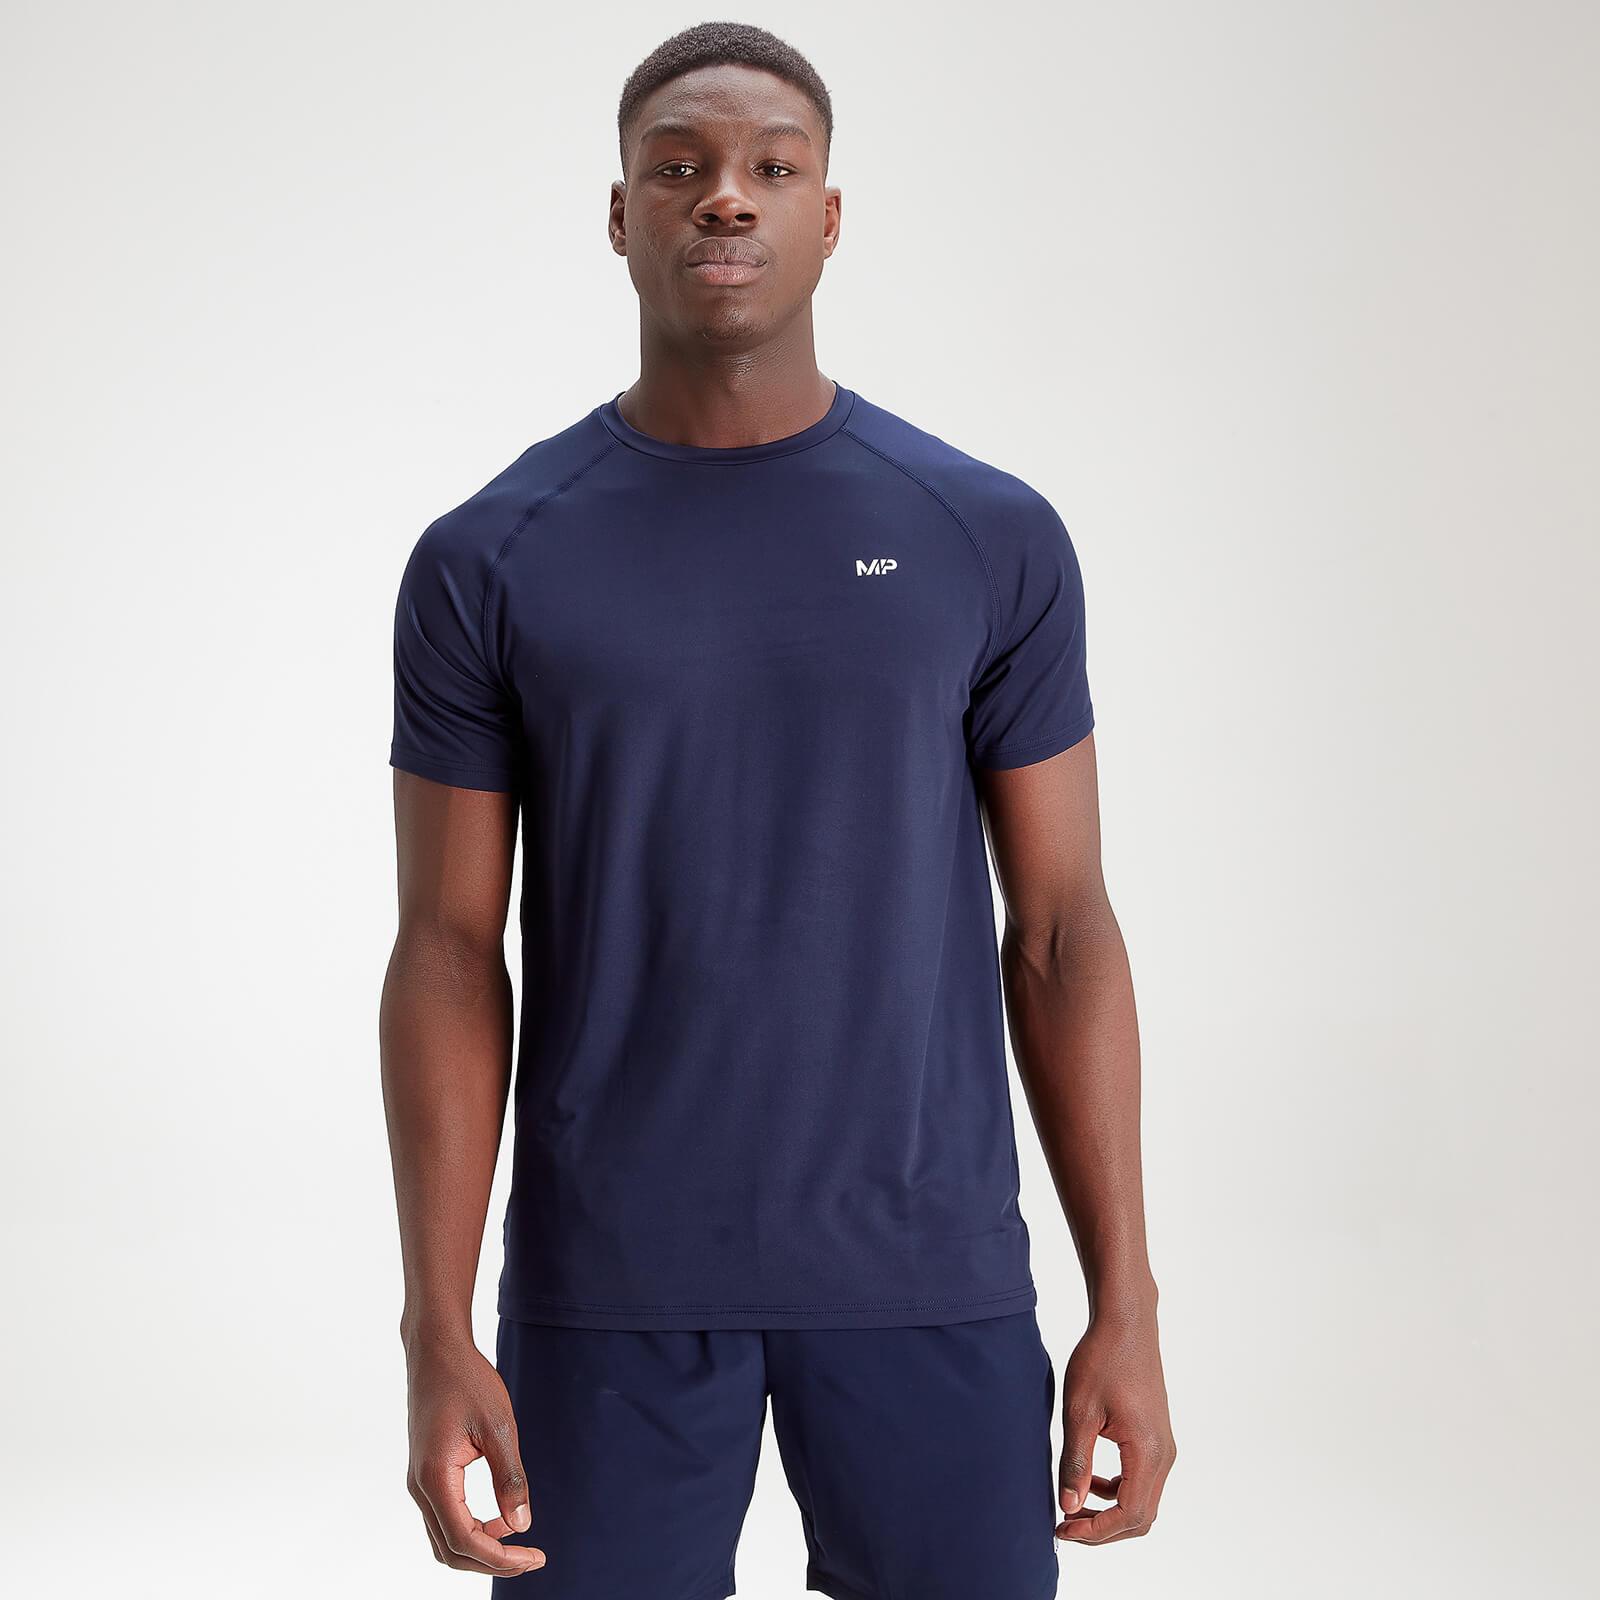 Купить MP Men's Essentials Training Short Sleeve T-Shirt - Navy - XXXL, Myprotein International